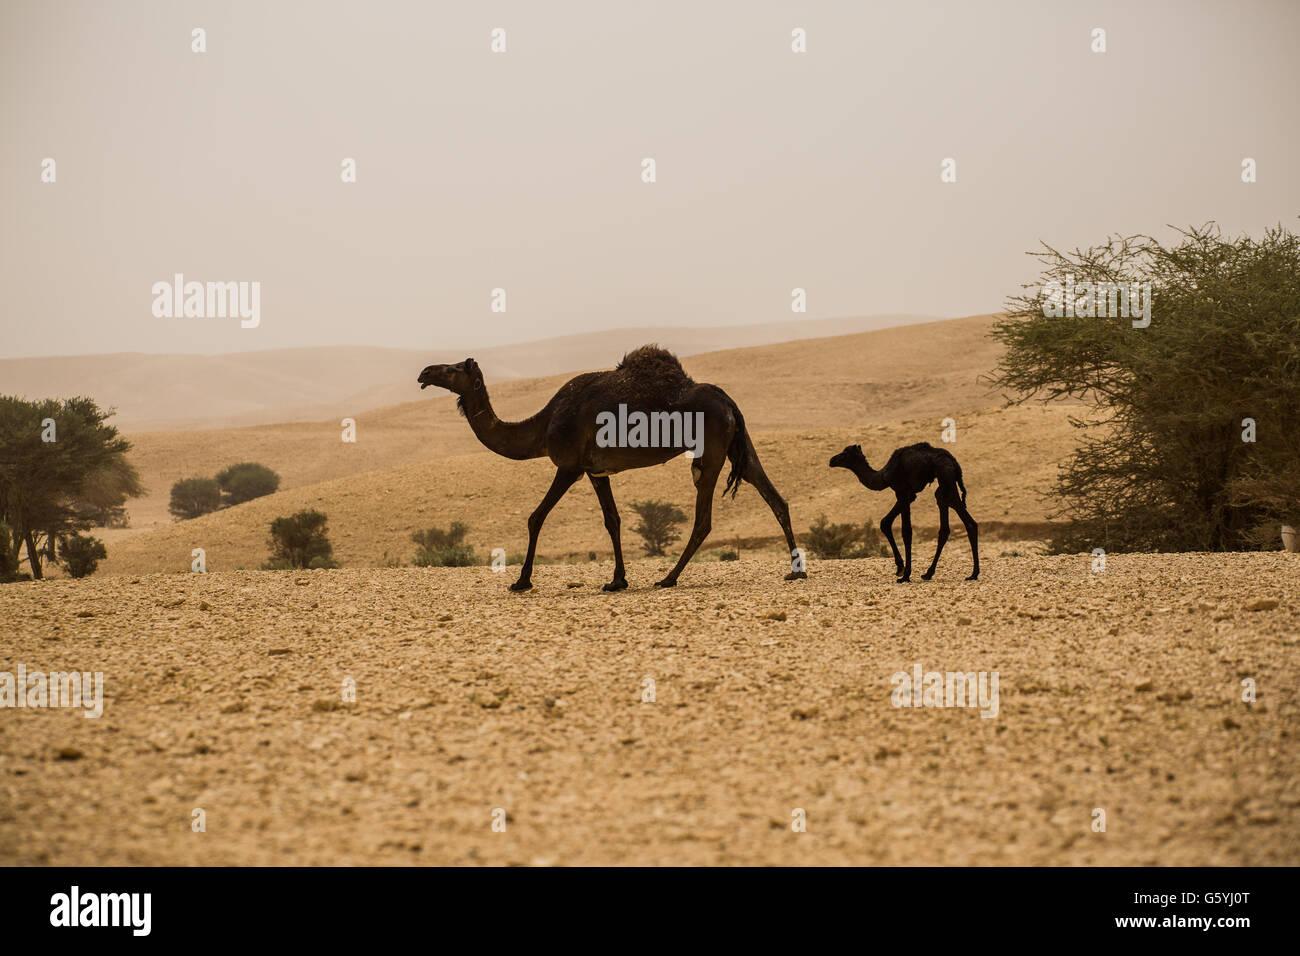 Kamel y baby Kamel, en el desierto de Arabia Saudita Imagen De Stock